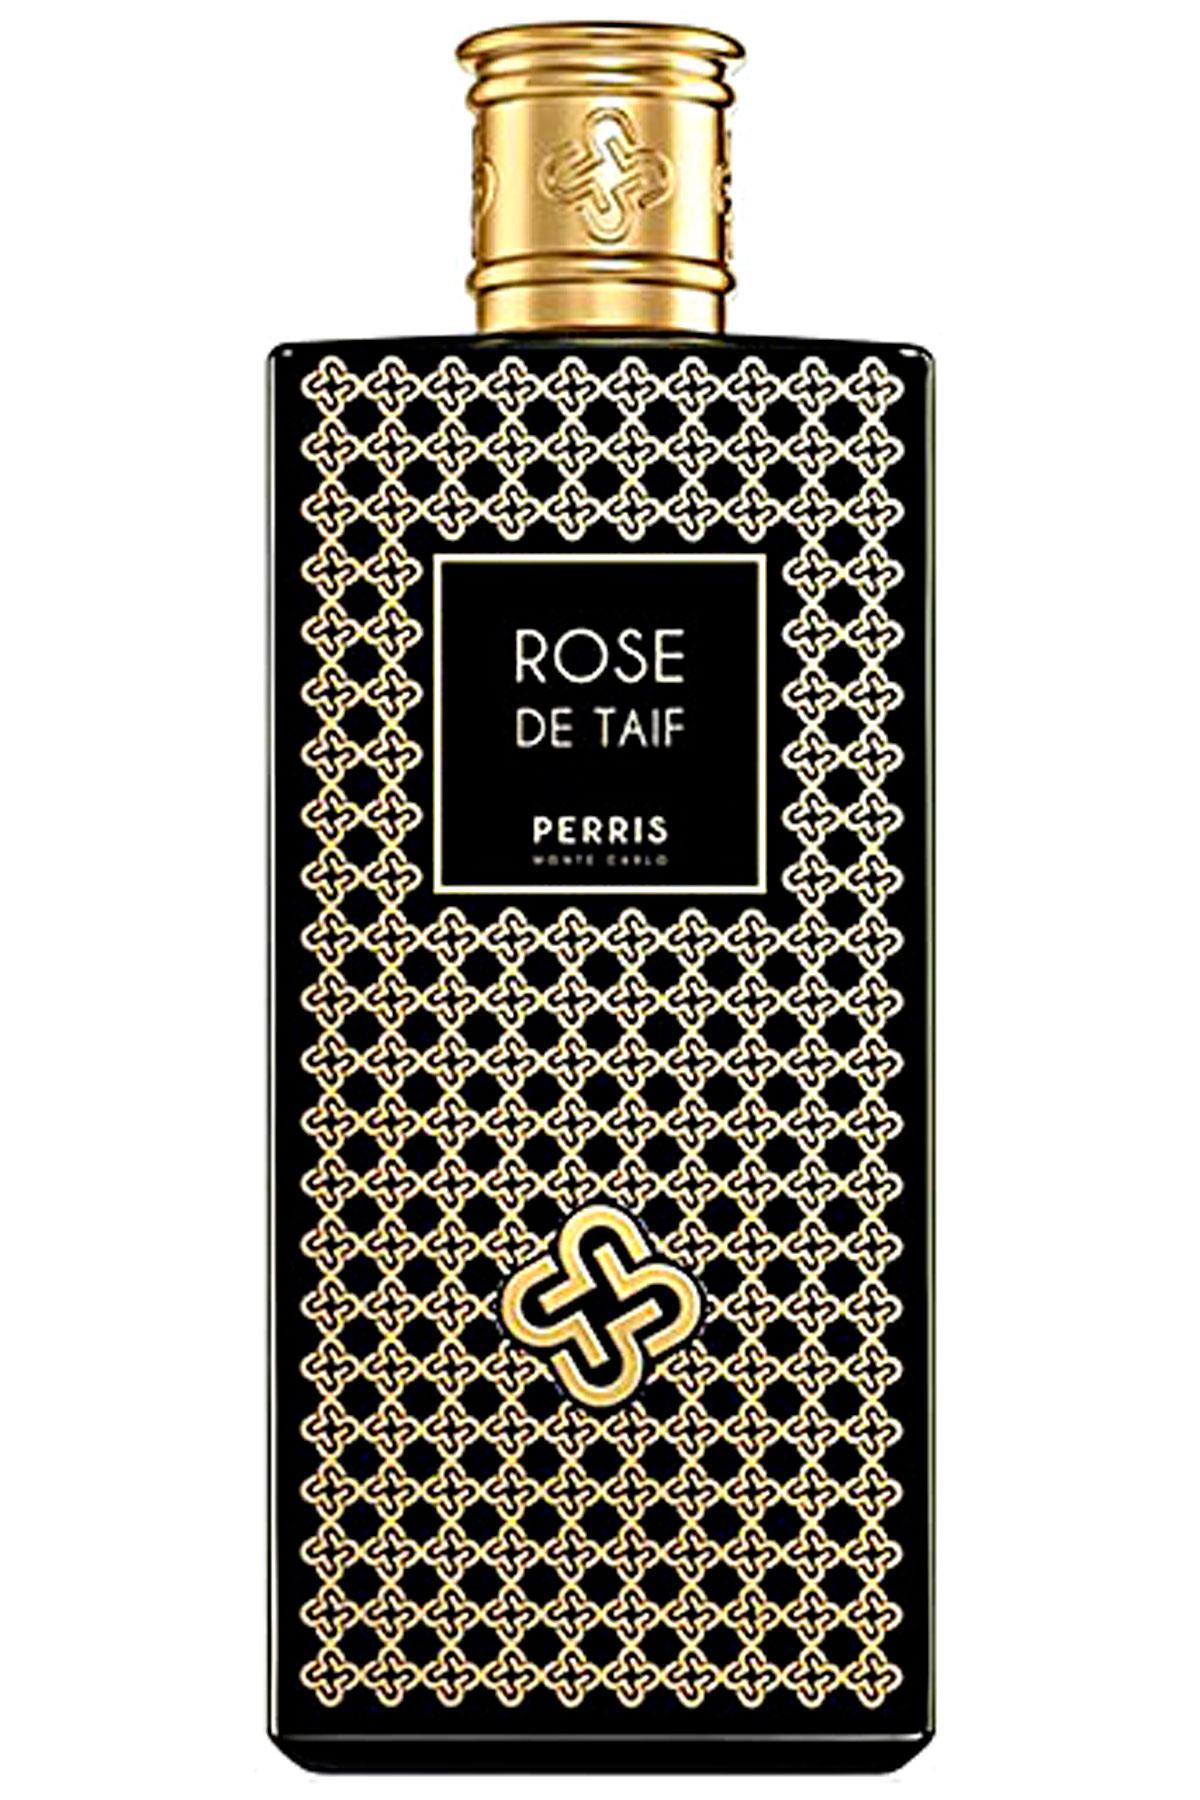 Perris Monte Carlo Fragrances for Men, Rose De Taif - Eau De Parfum - 100 Ml, 2019, 100 ml